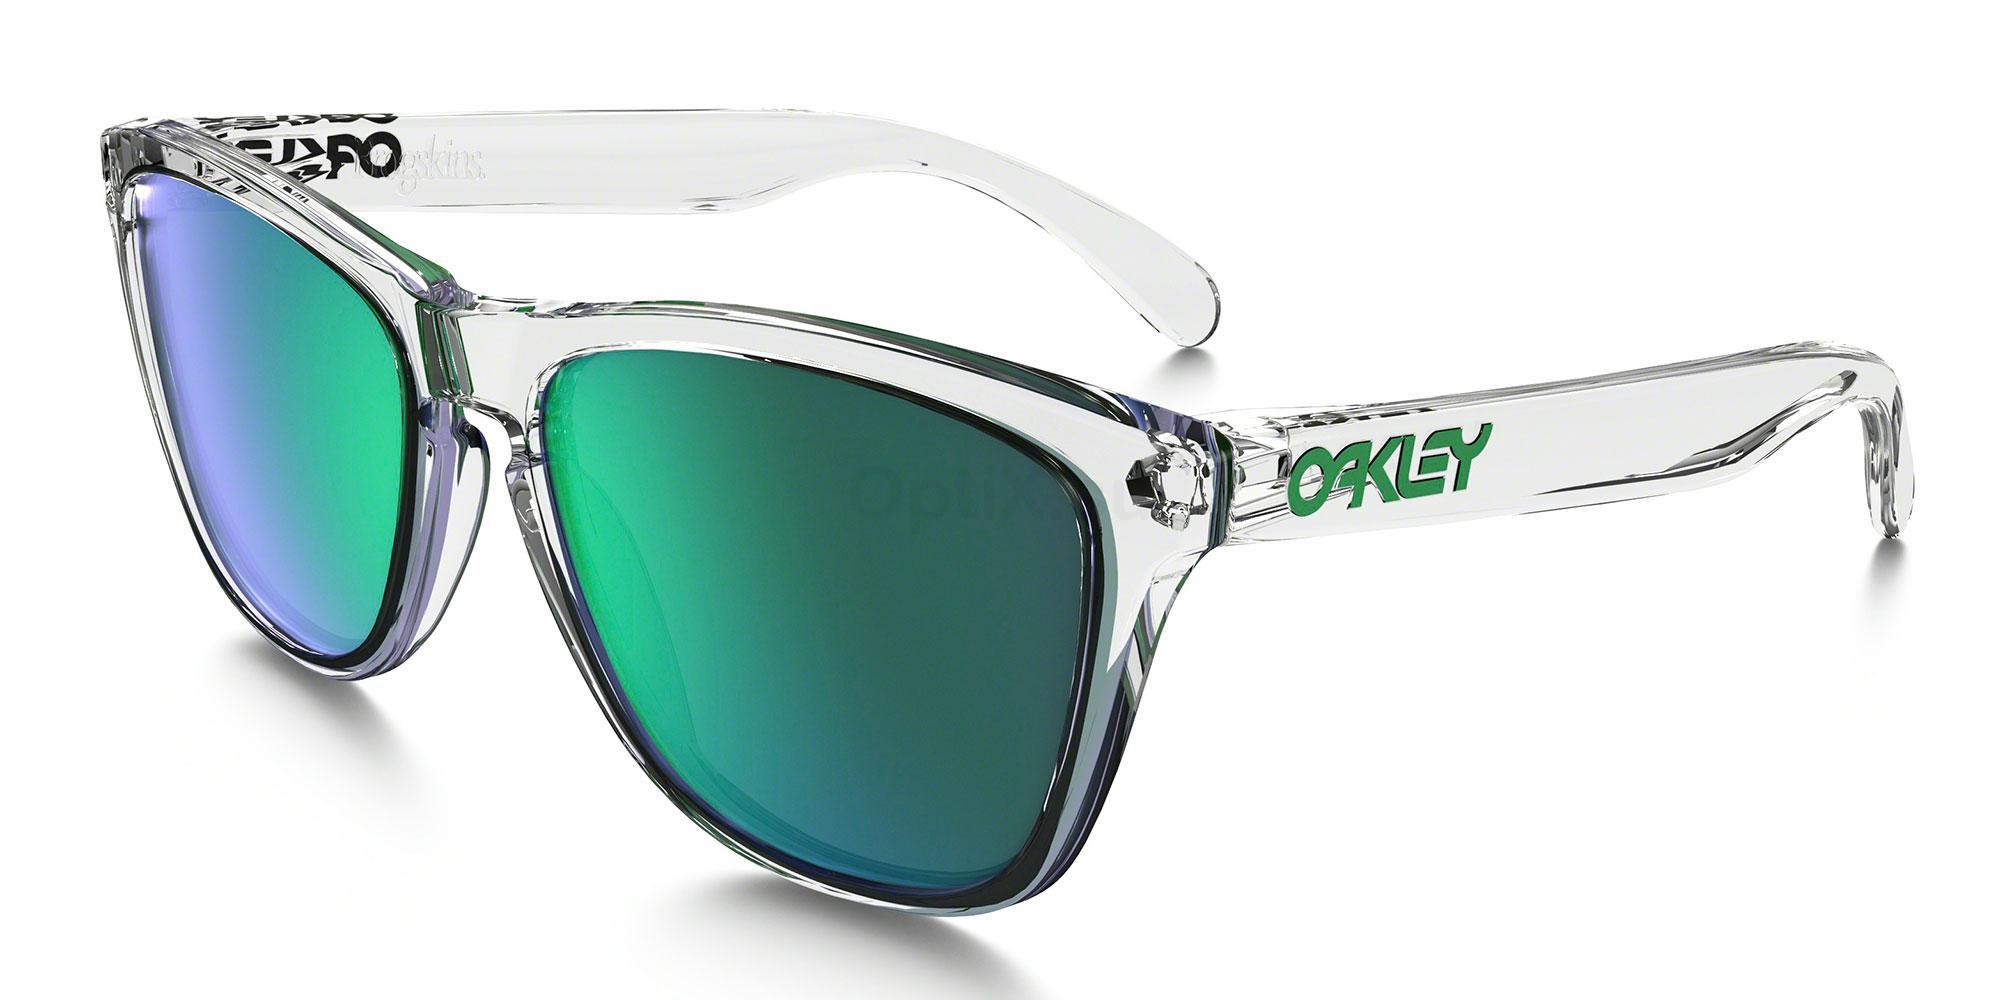 9013A3 OO9013 FROGSKINS , Oakley